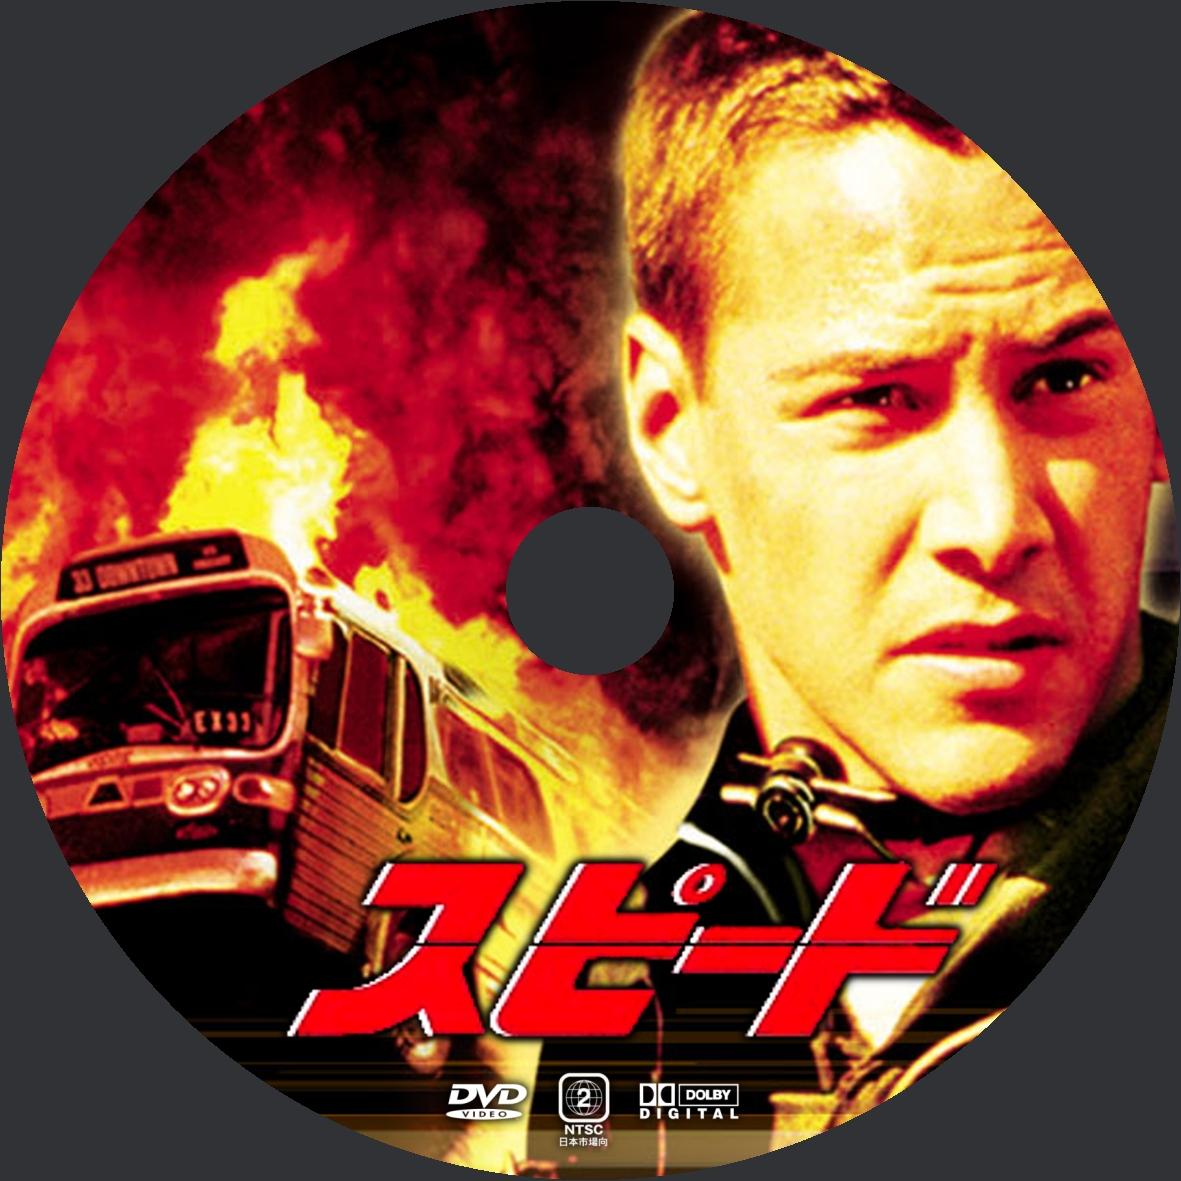 スピード (映画)の画像 p1_37